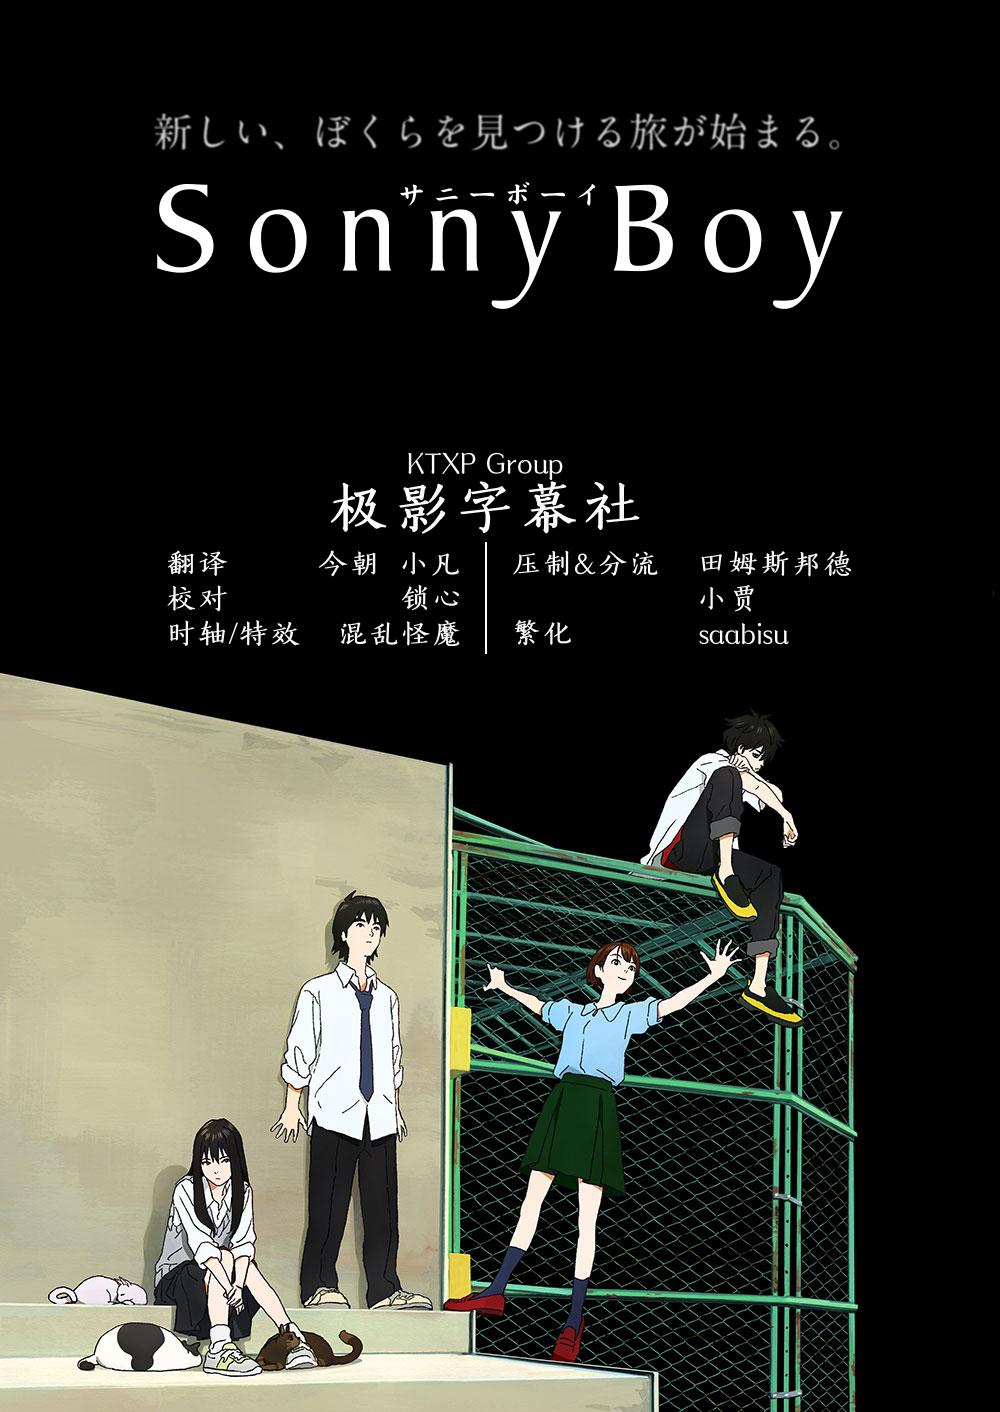 【极影字幕社】★7月新番 漂流少年 Sonny Boy 第01话 GB 1080P MP4(字幕社招人内详)